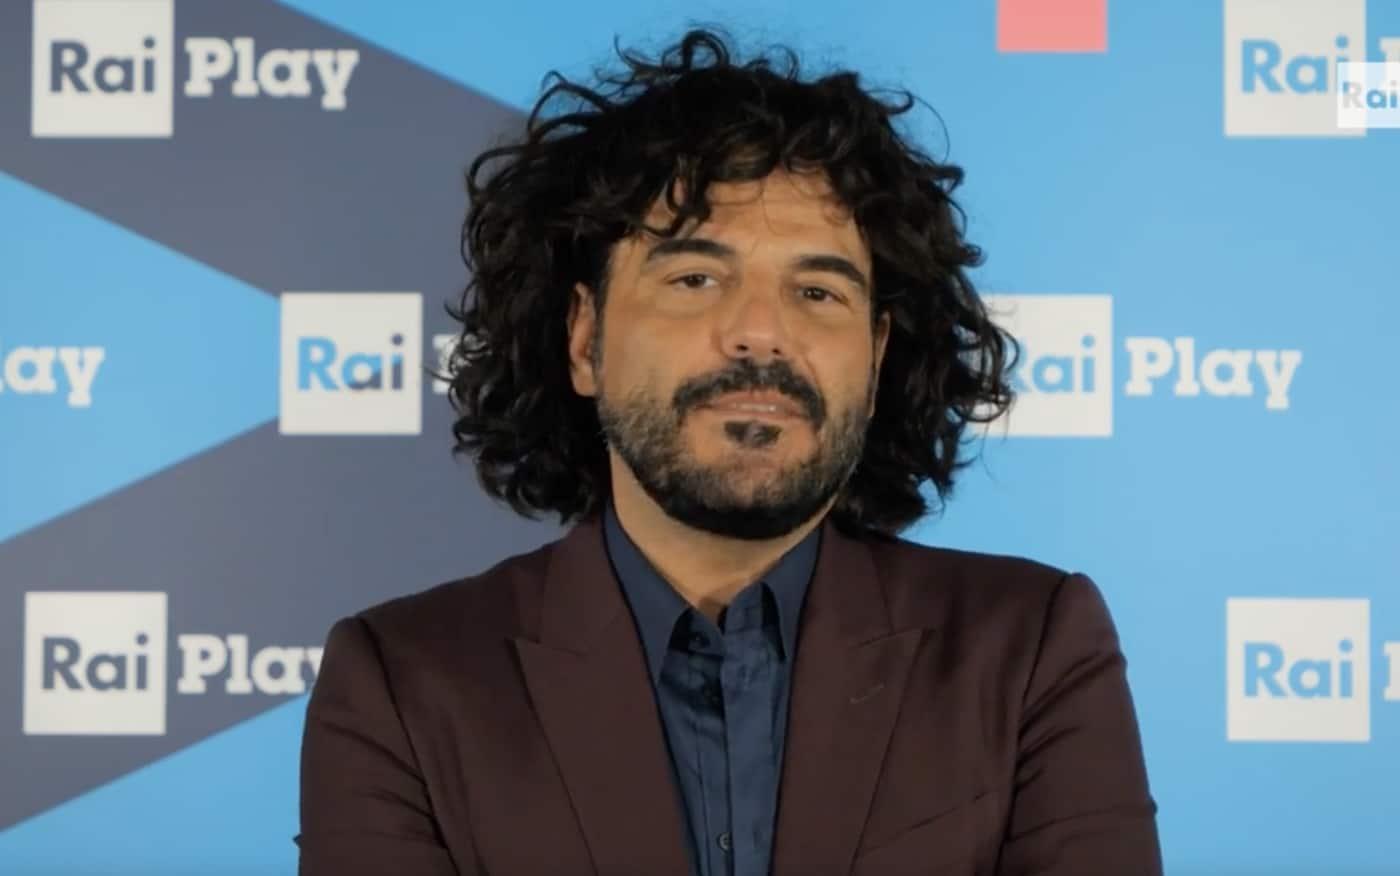 Sanremo 2021 Francesco Renga canta Quando trovo te: testo e significato